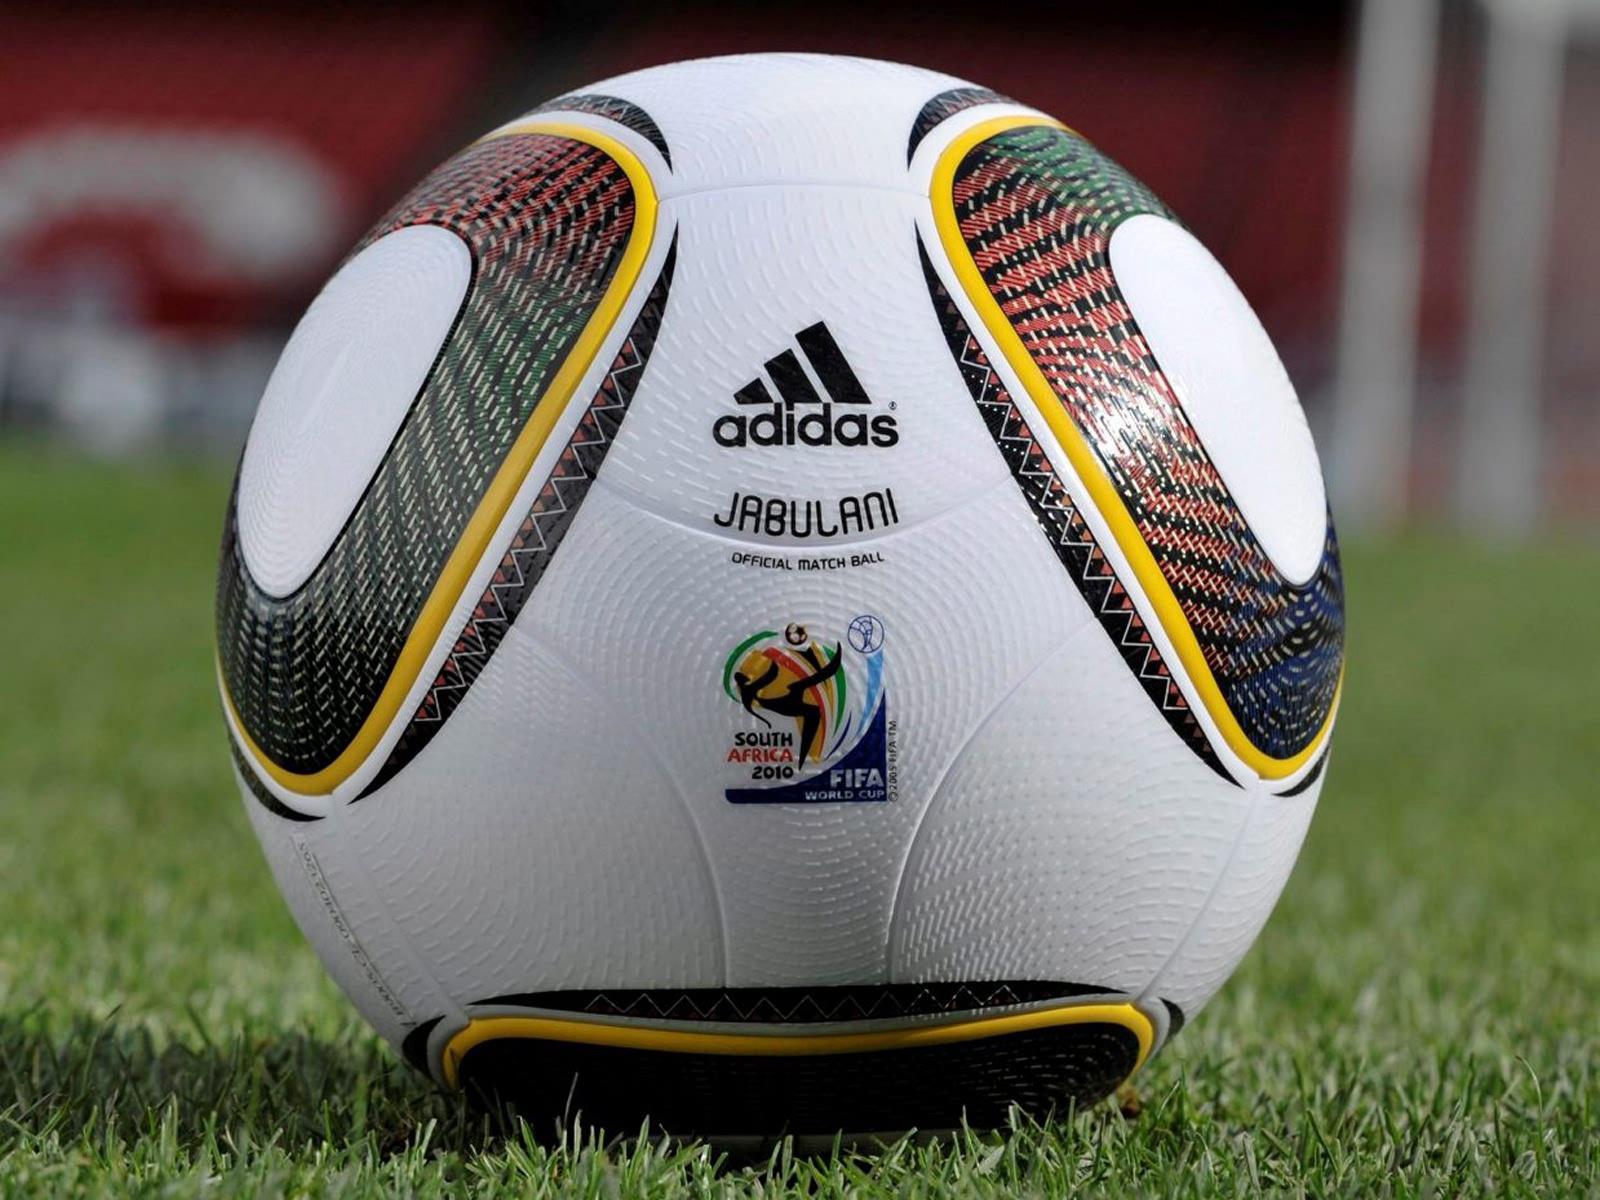 Pallone Jabulani - Adidas